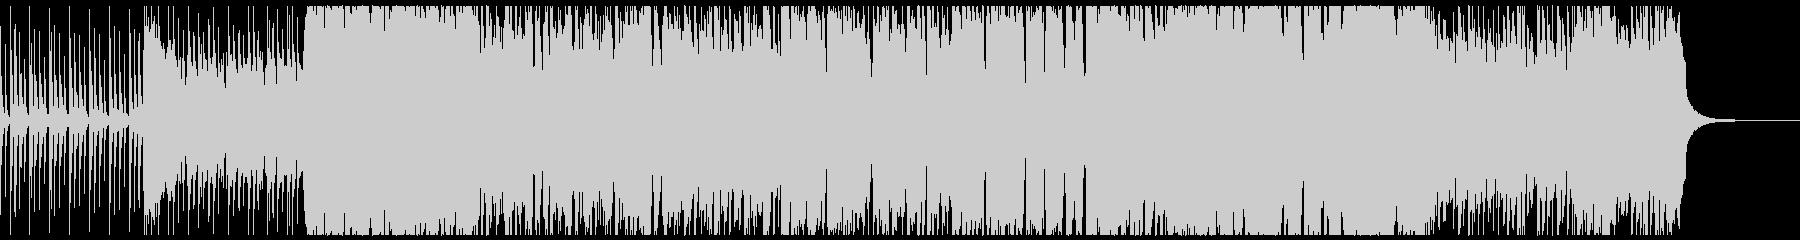 オルガン主役のロックなバトルループBGMの未再生の波形